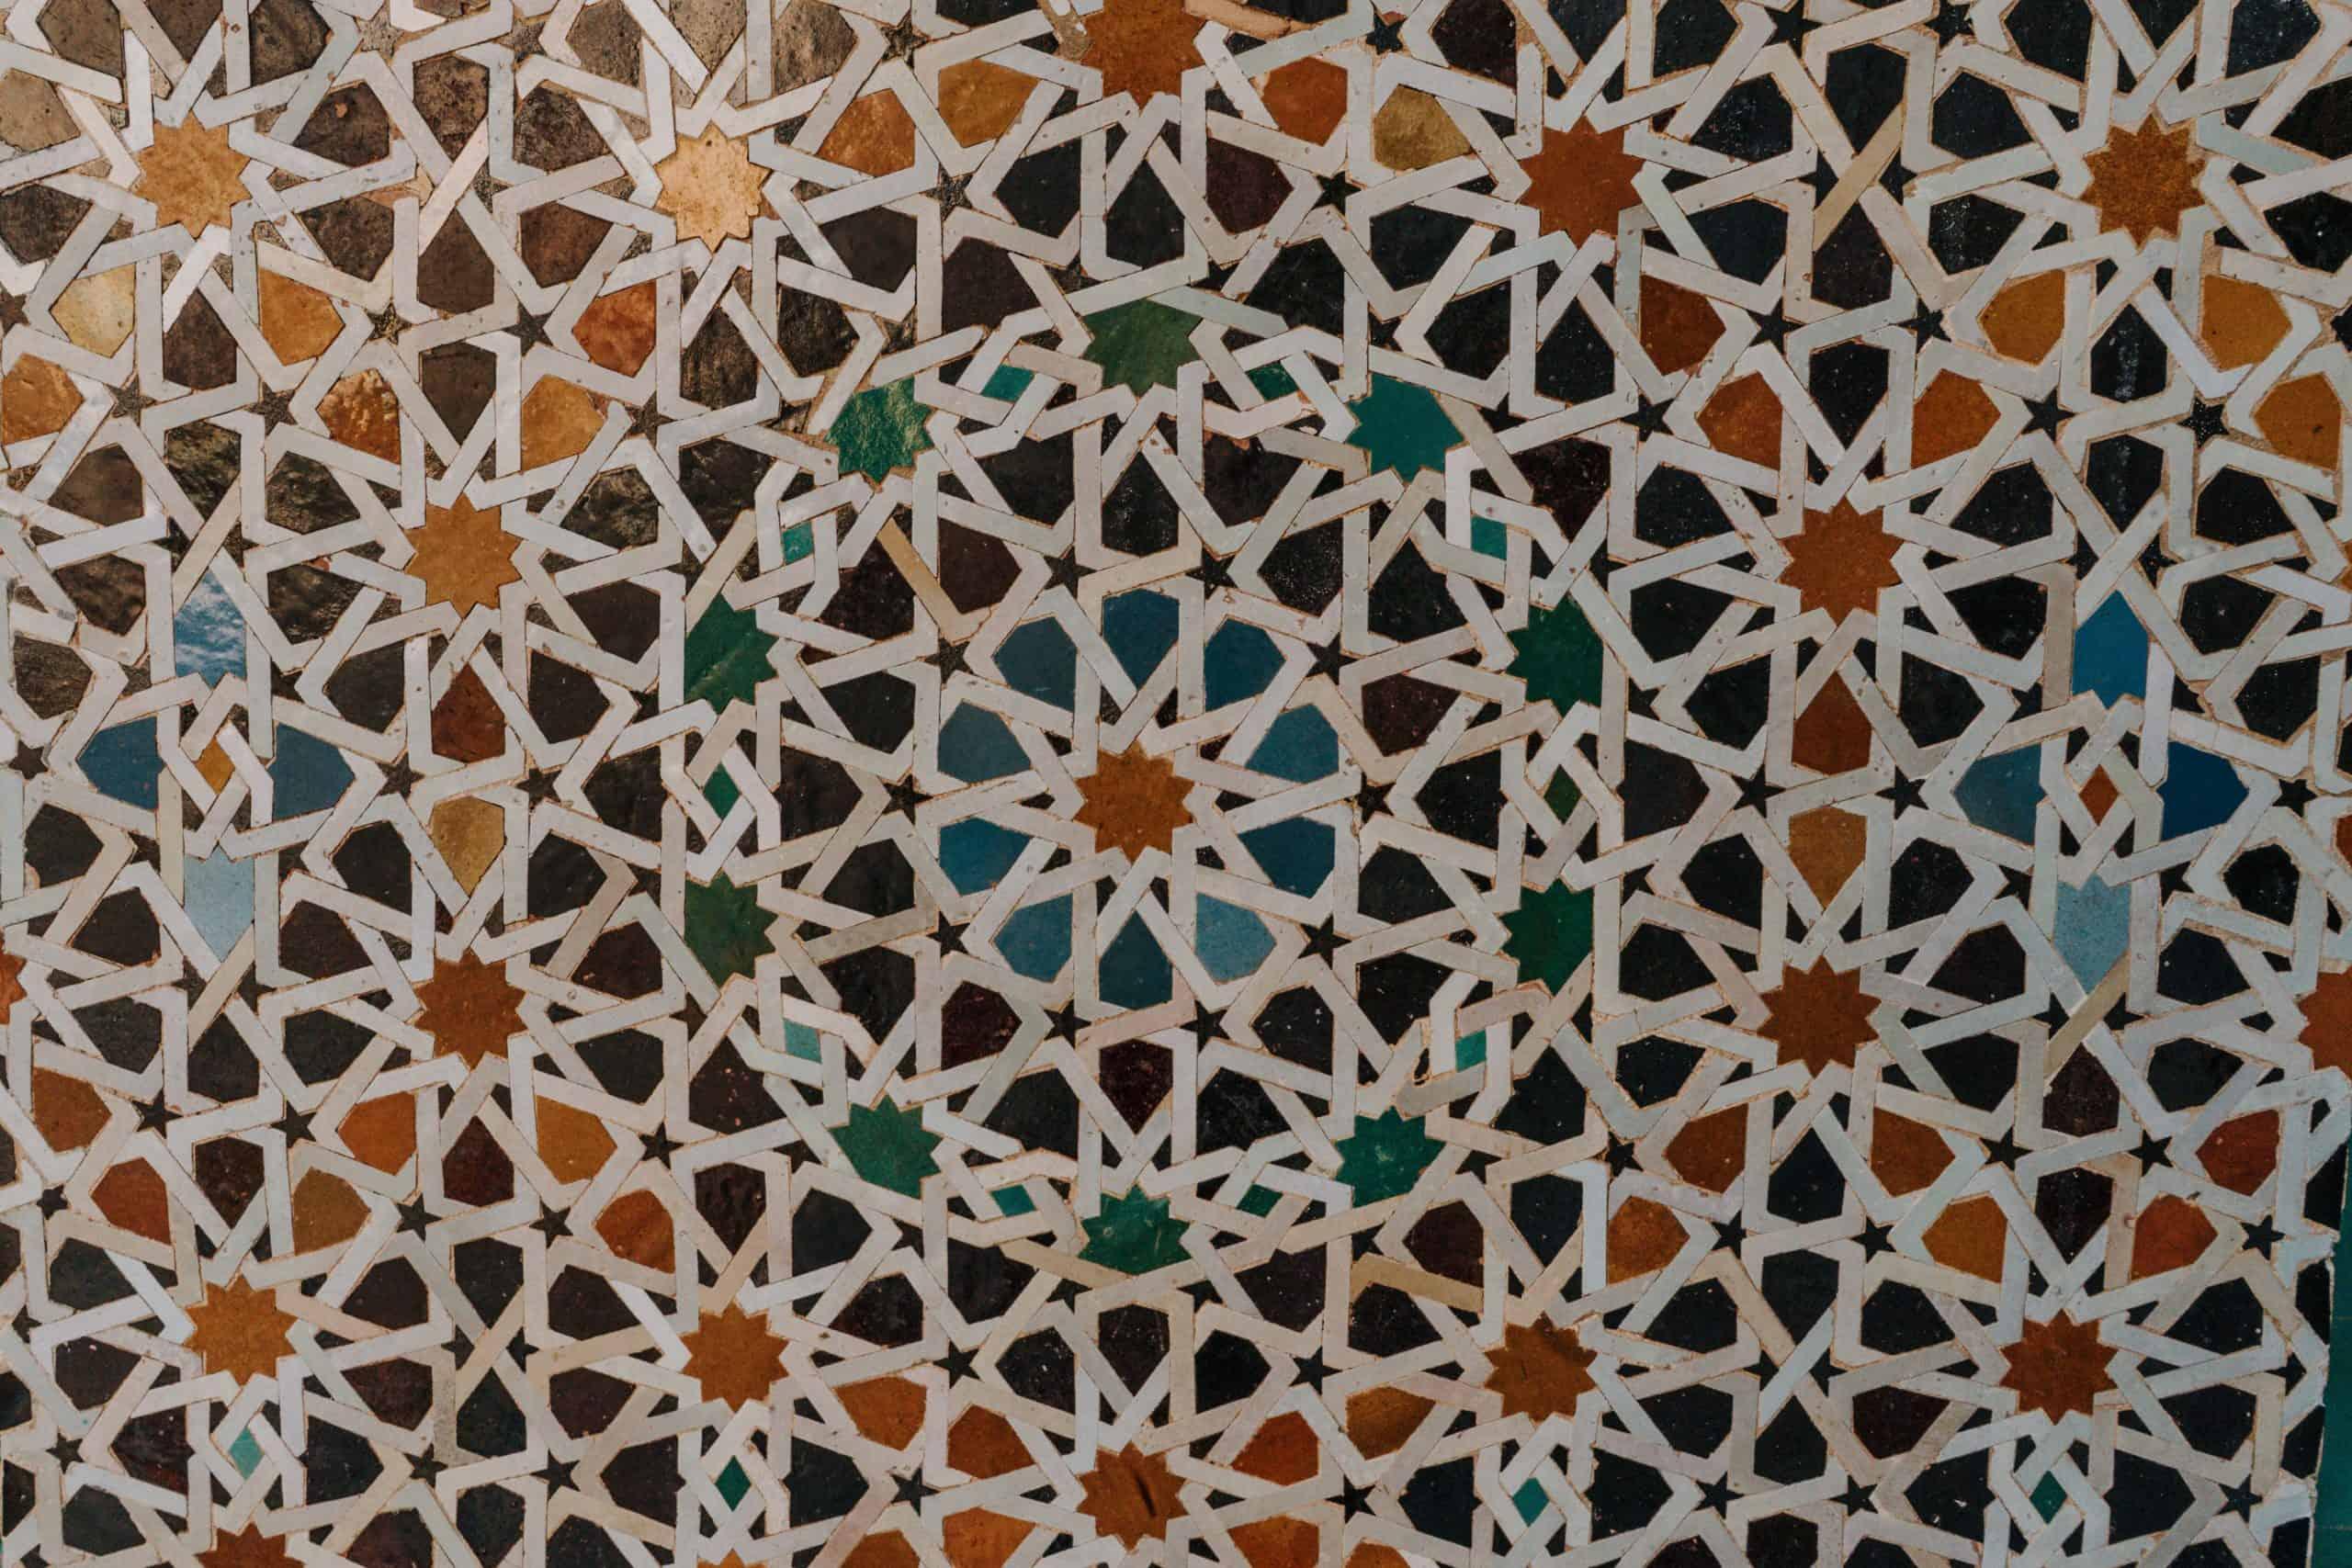 madra al-attarine maroko informacje praktyczne